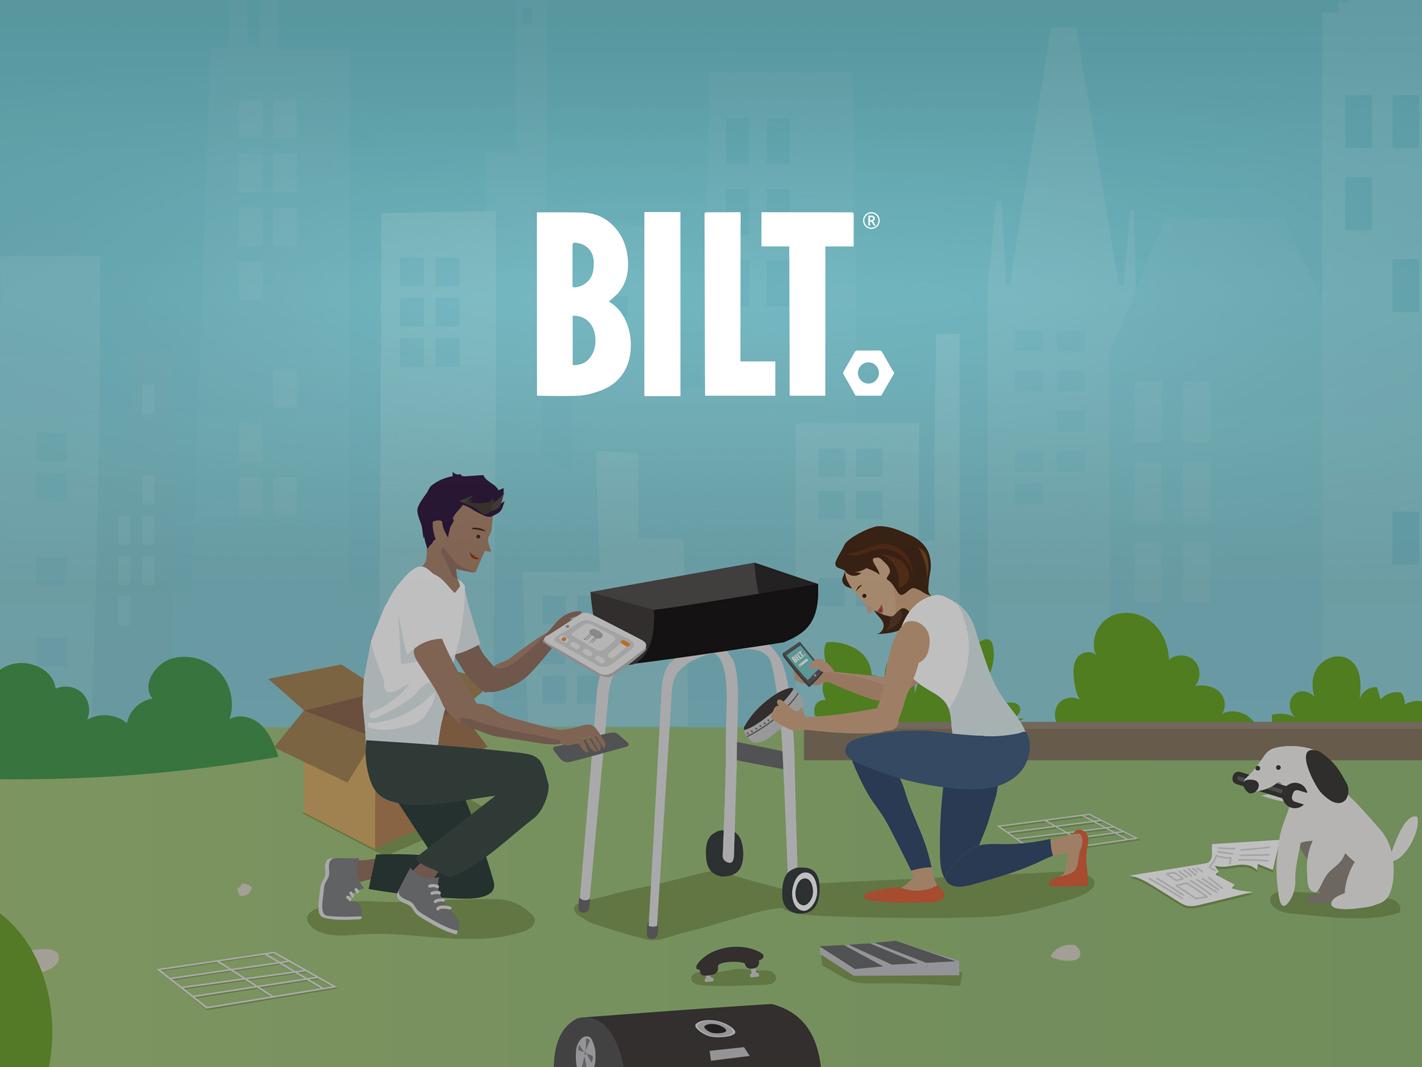 BILT_a.jpg